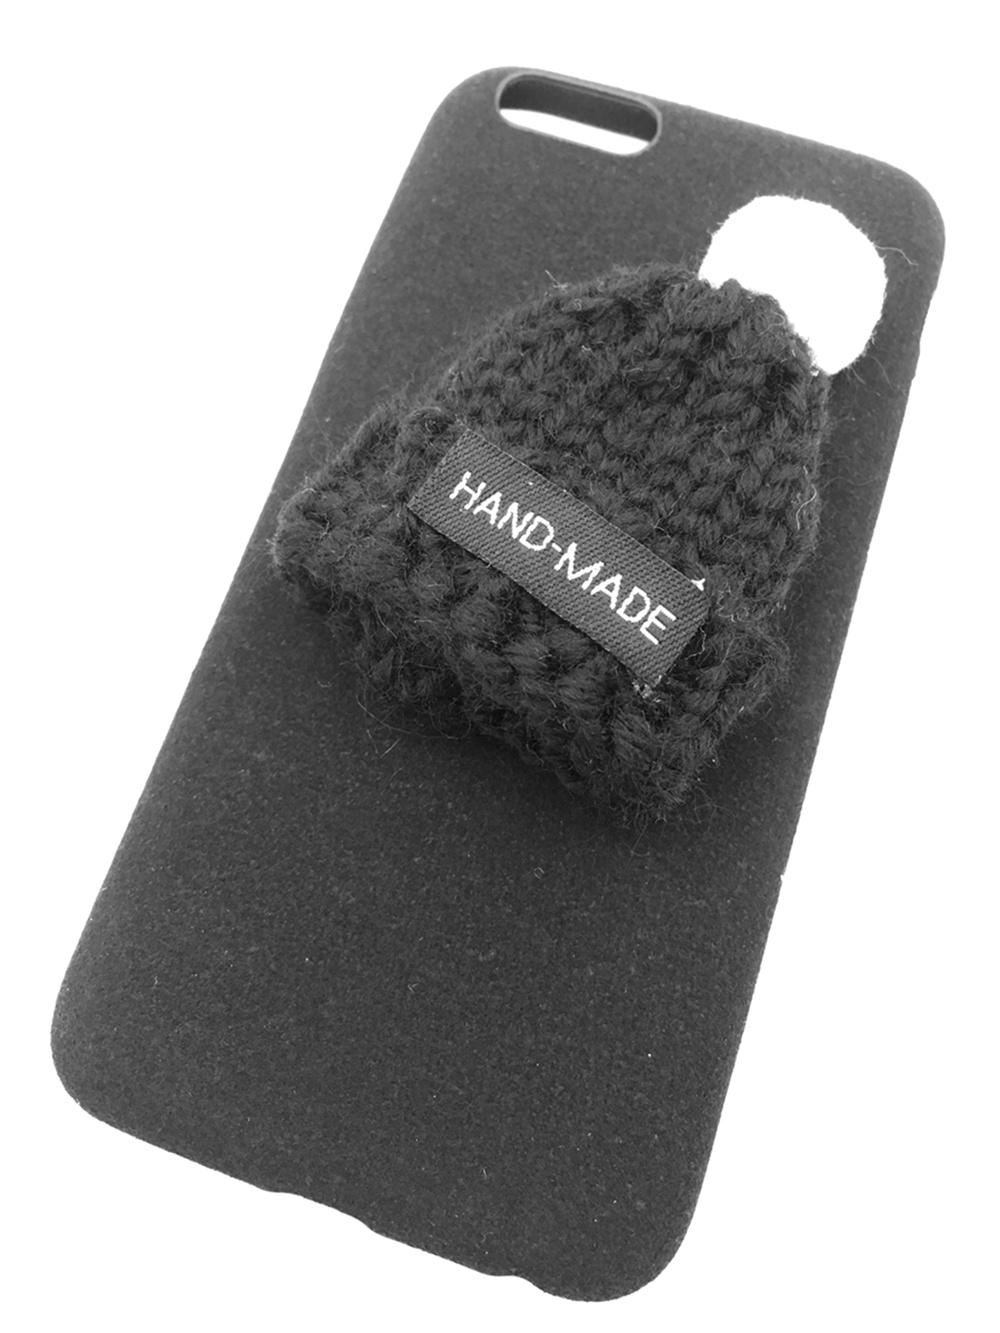 Чехол для сотового телефона Мобильная мода iPhone 6/6S Накладка с вязанной шапочкой, 6452C, черный мам всесезонная накидка для слингоношения с шапочкой для малыша 4 season cover оливковый черный 12239956